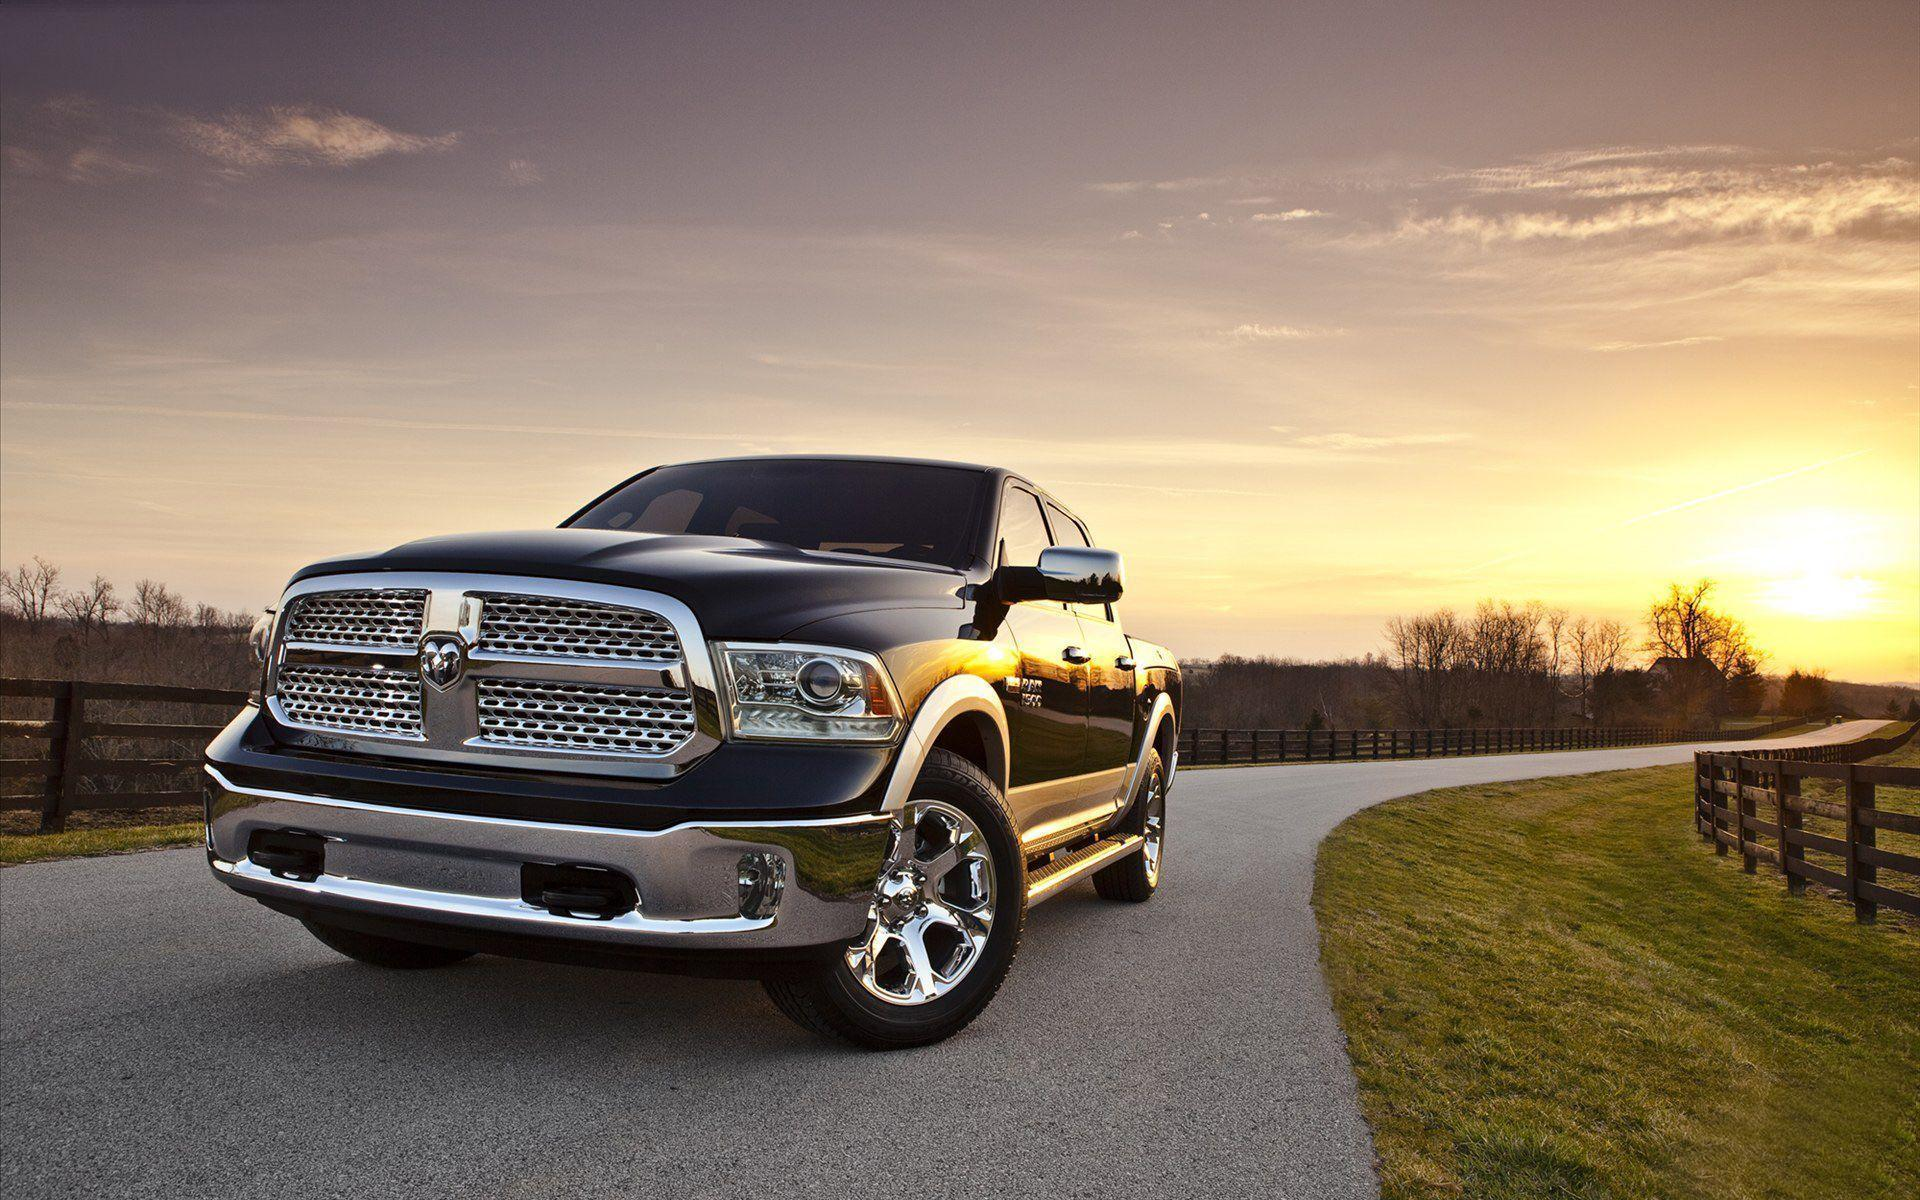 Best Wallpaper Logo Dodge Ram - wp1846883  You Should Have_964386.jpg